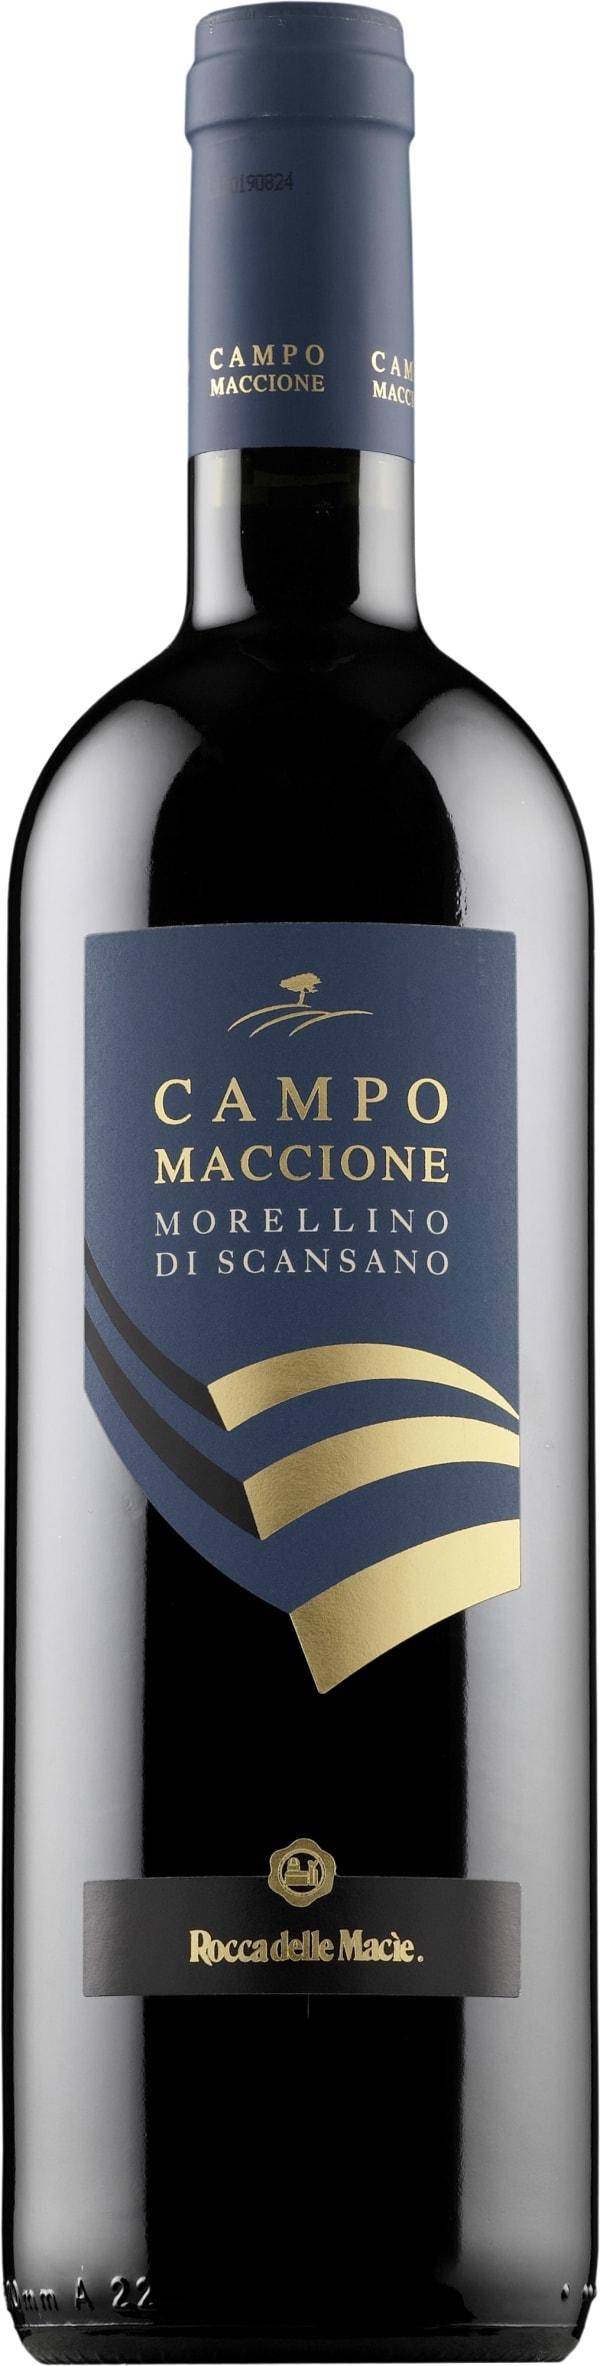 Rocca delle Macìe Campomaccione Morellino di Scansano 2010